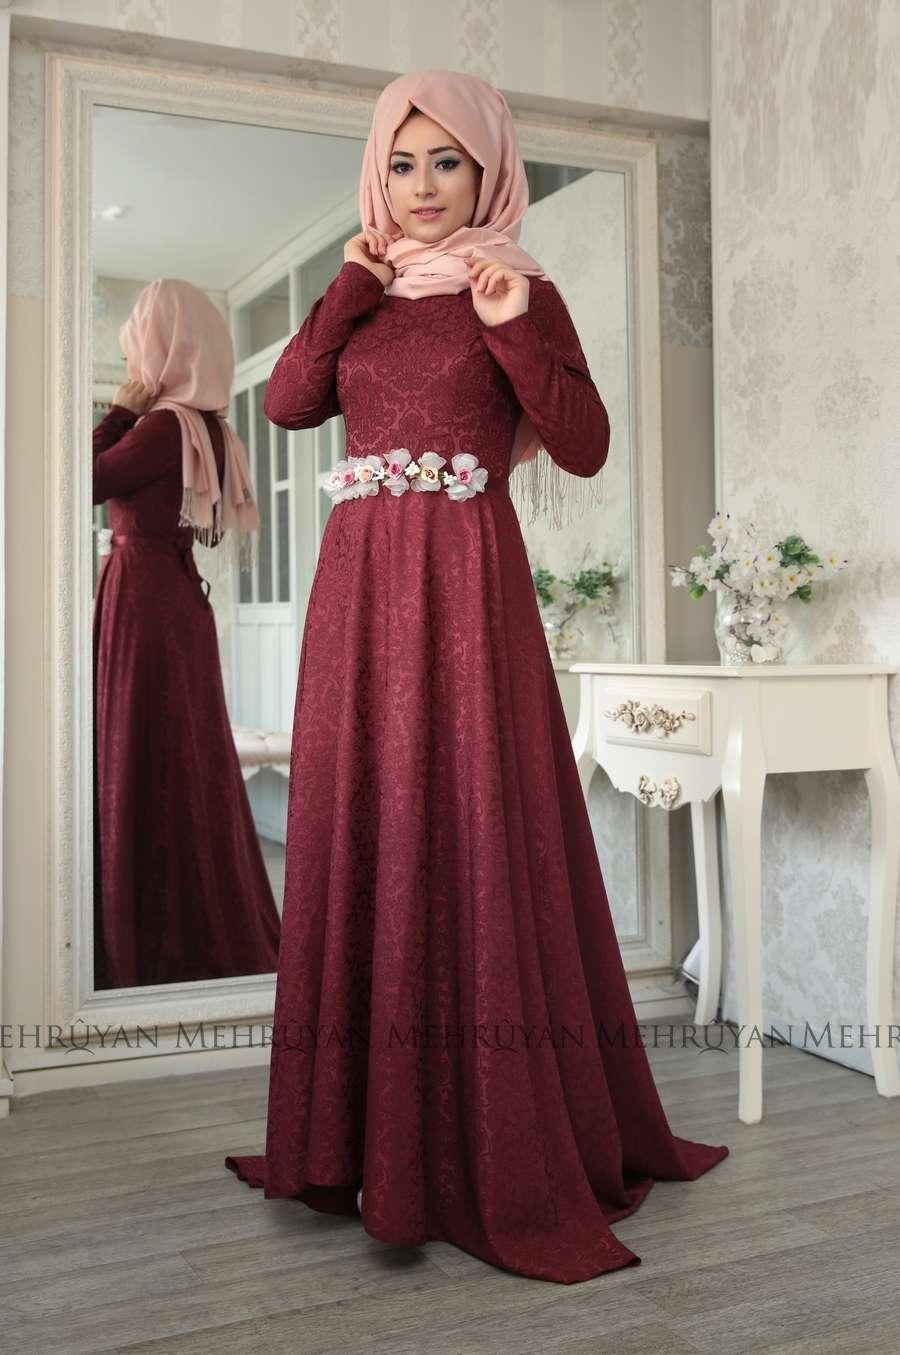 صور فساتين سواريه تركى , اروع الصور لفستان السهرة التركي